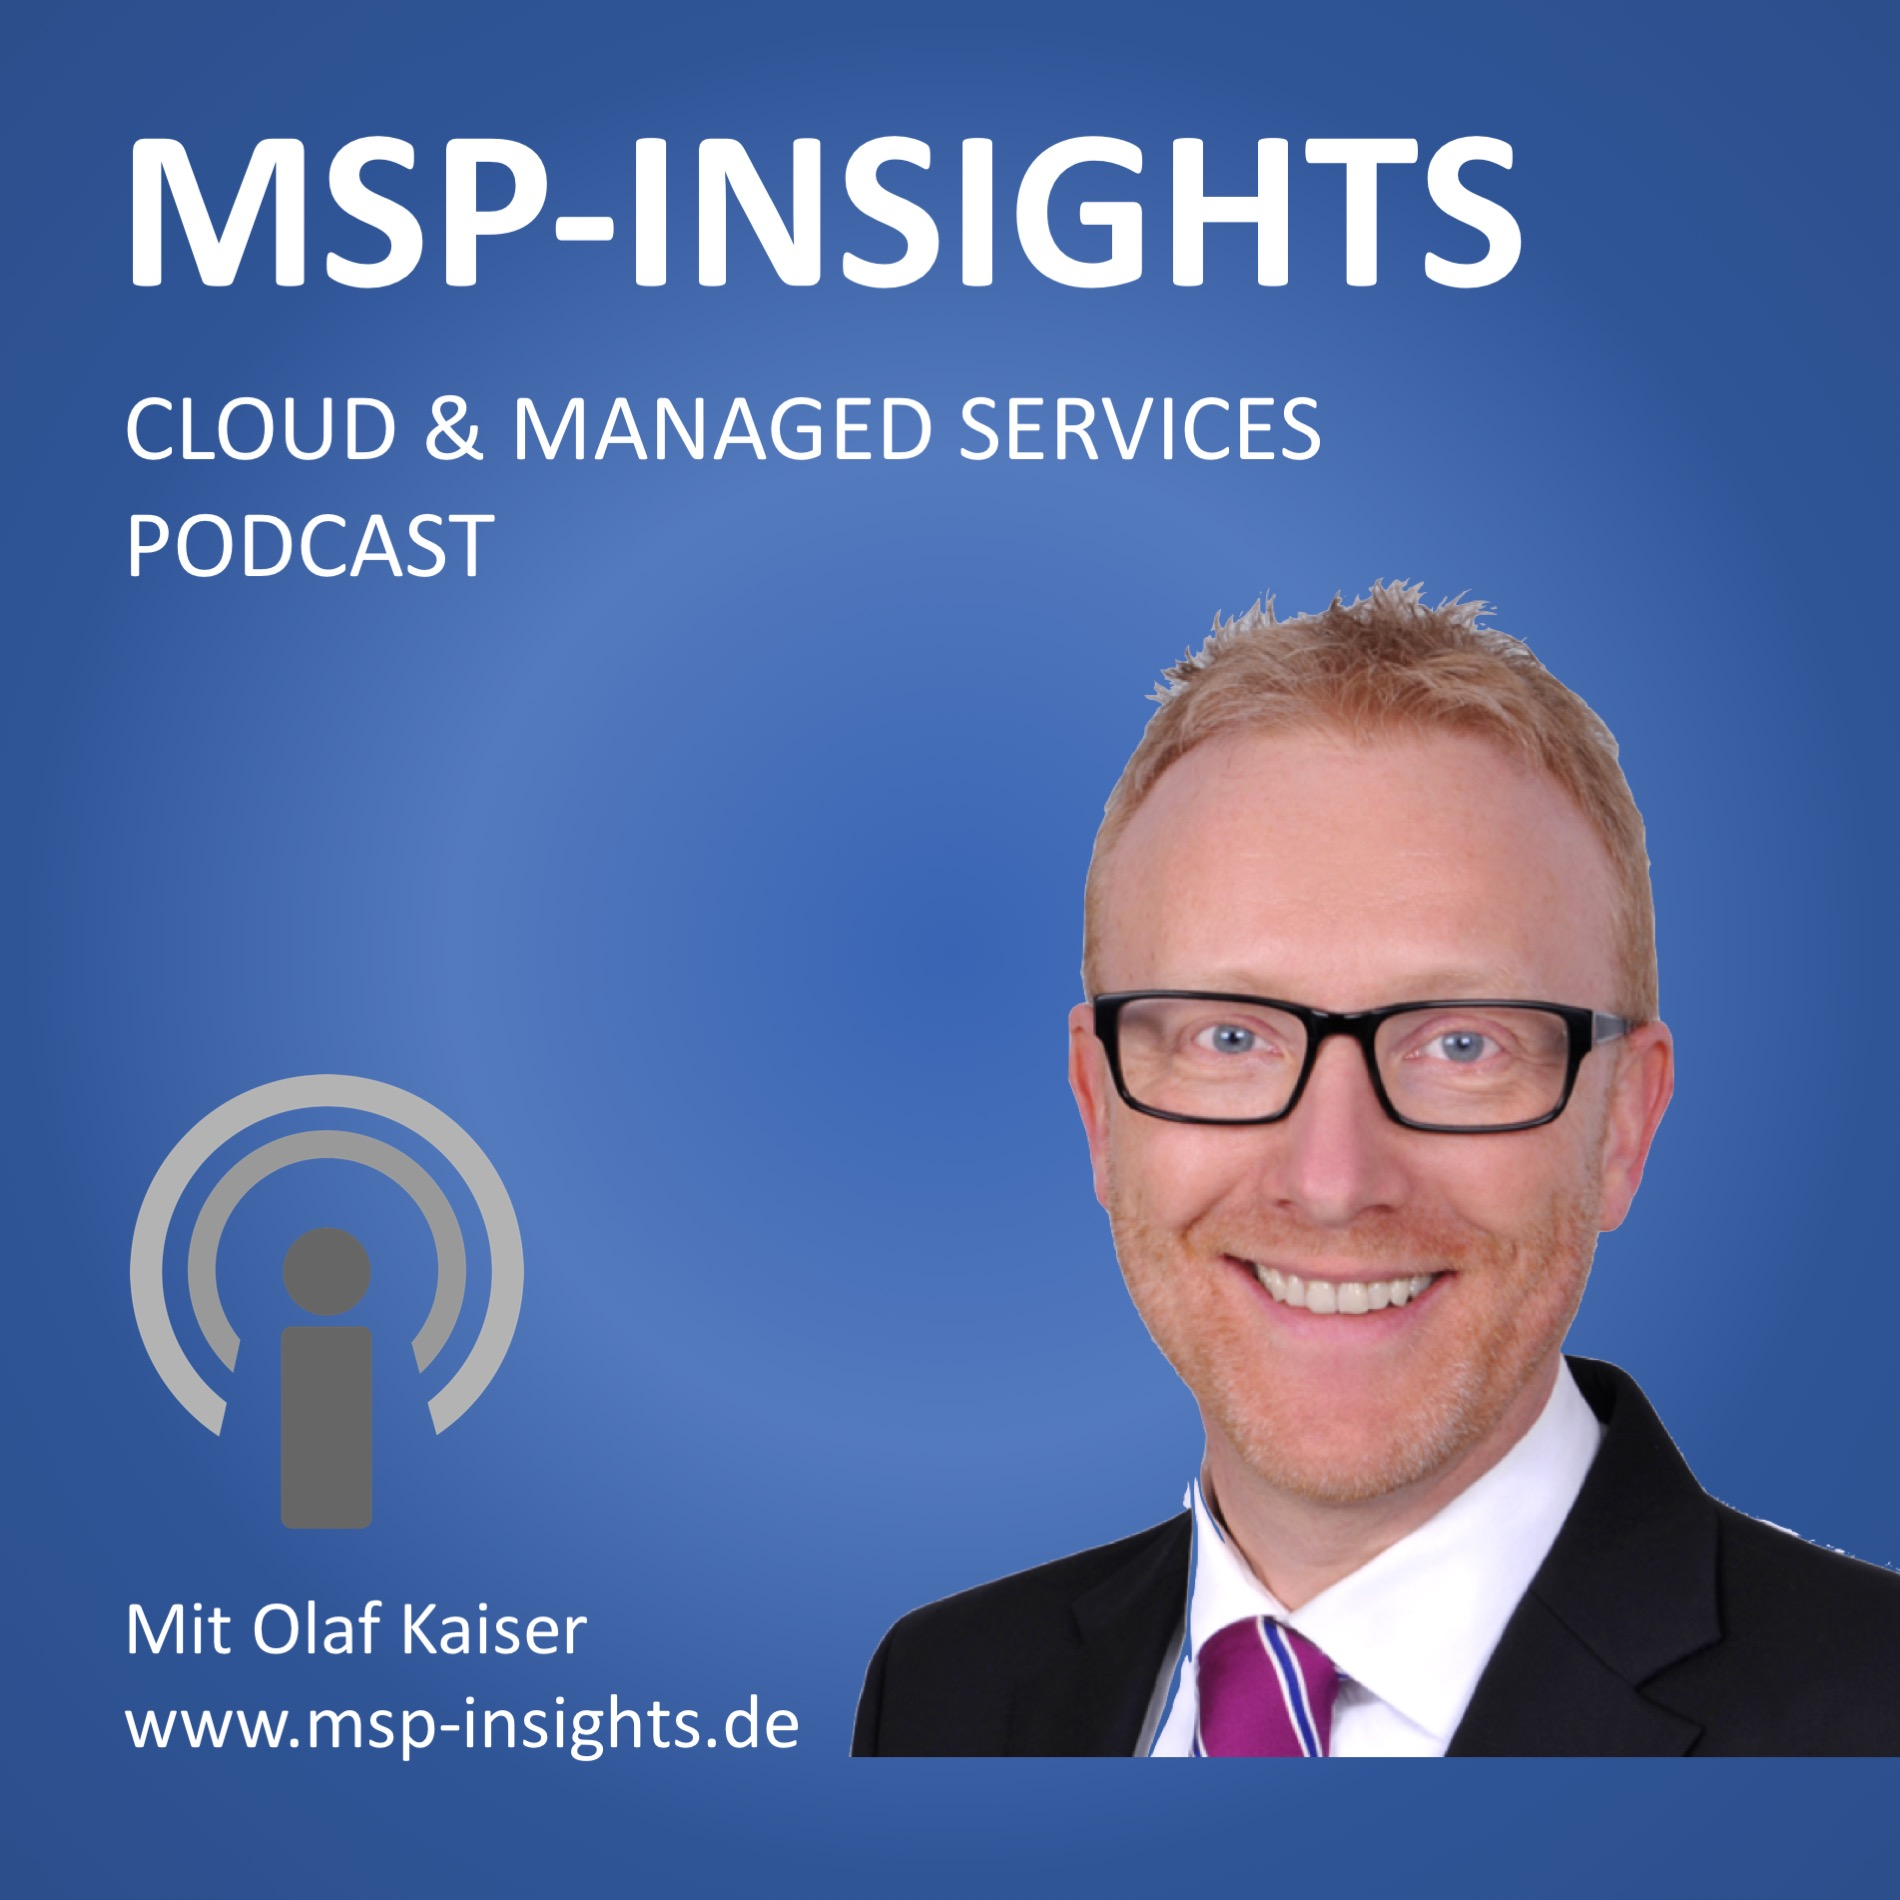 MSP-INSIGHTS (DE, german) - Cloud & Managed Service Impulse